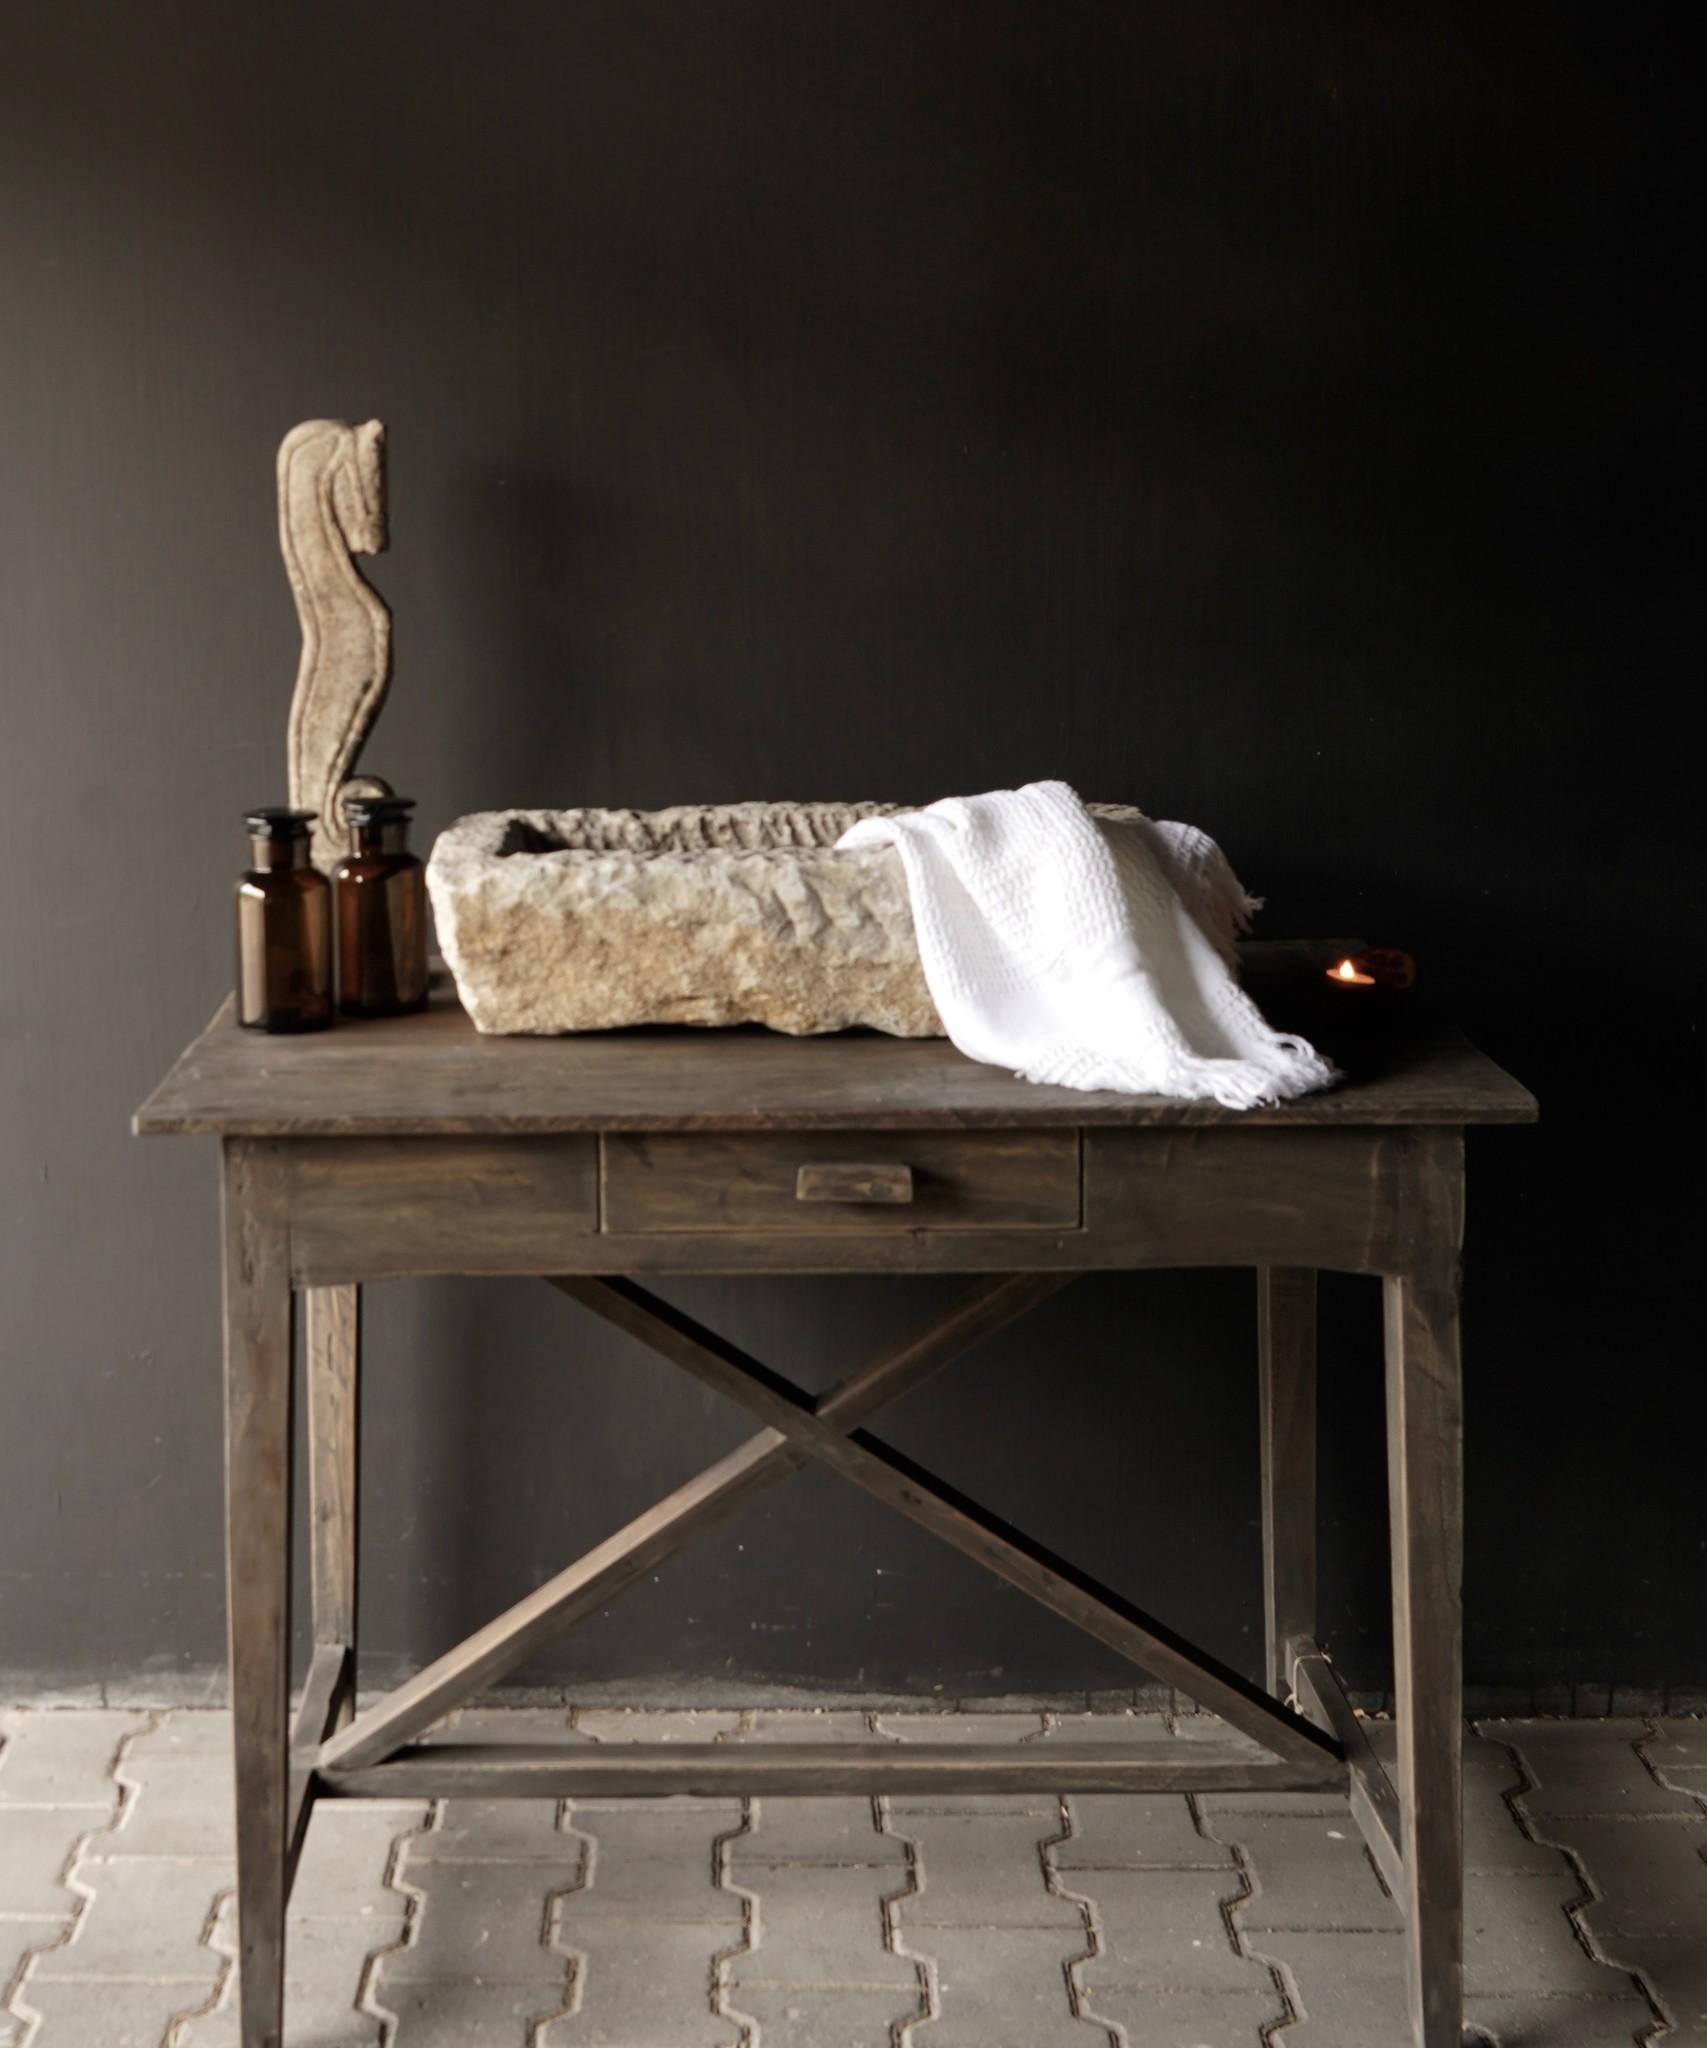 Stoer oud Sidetable/muurtafel oud hout met een lade-1